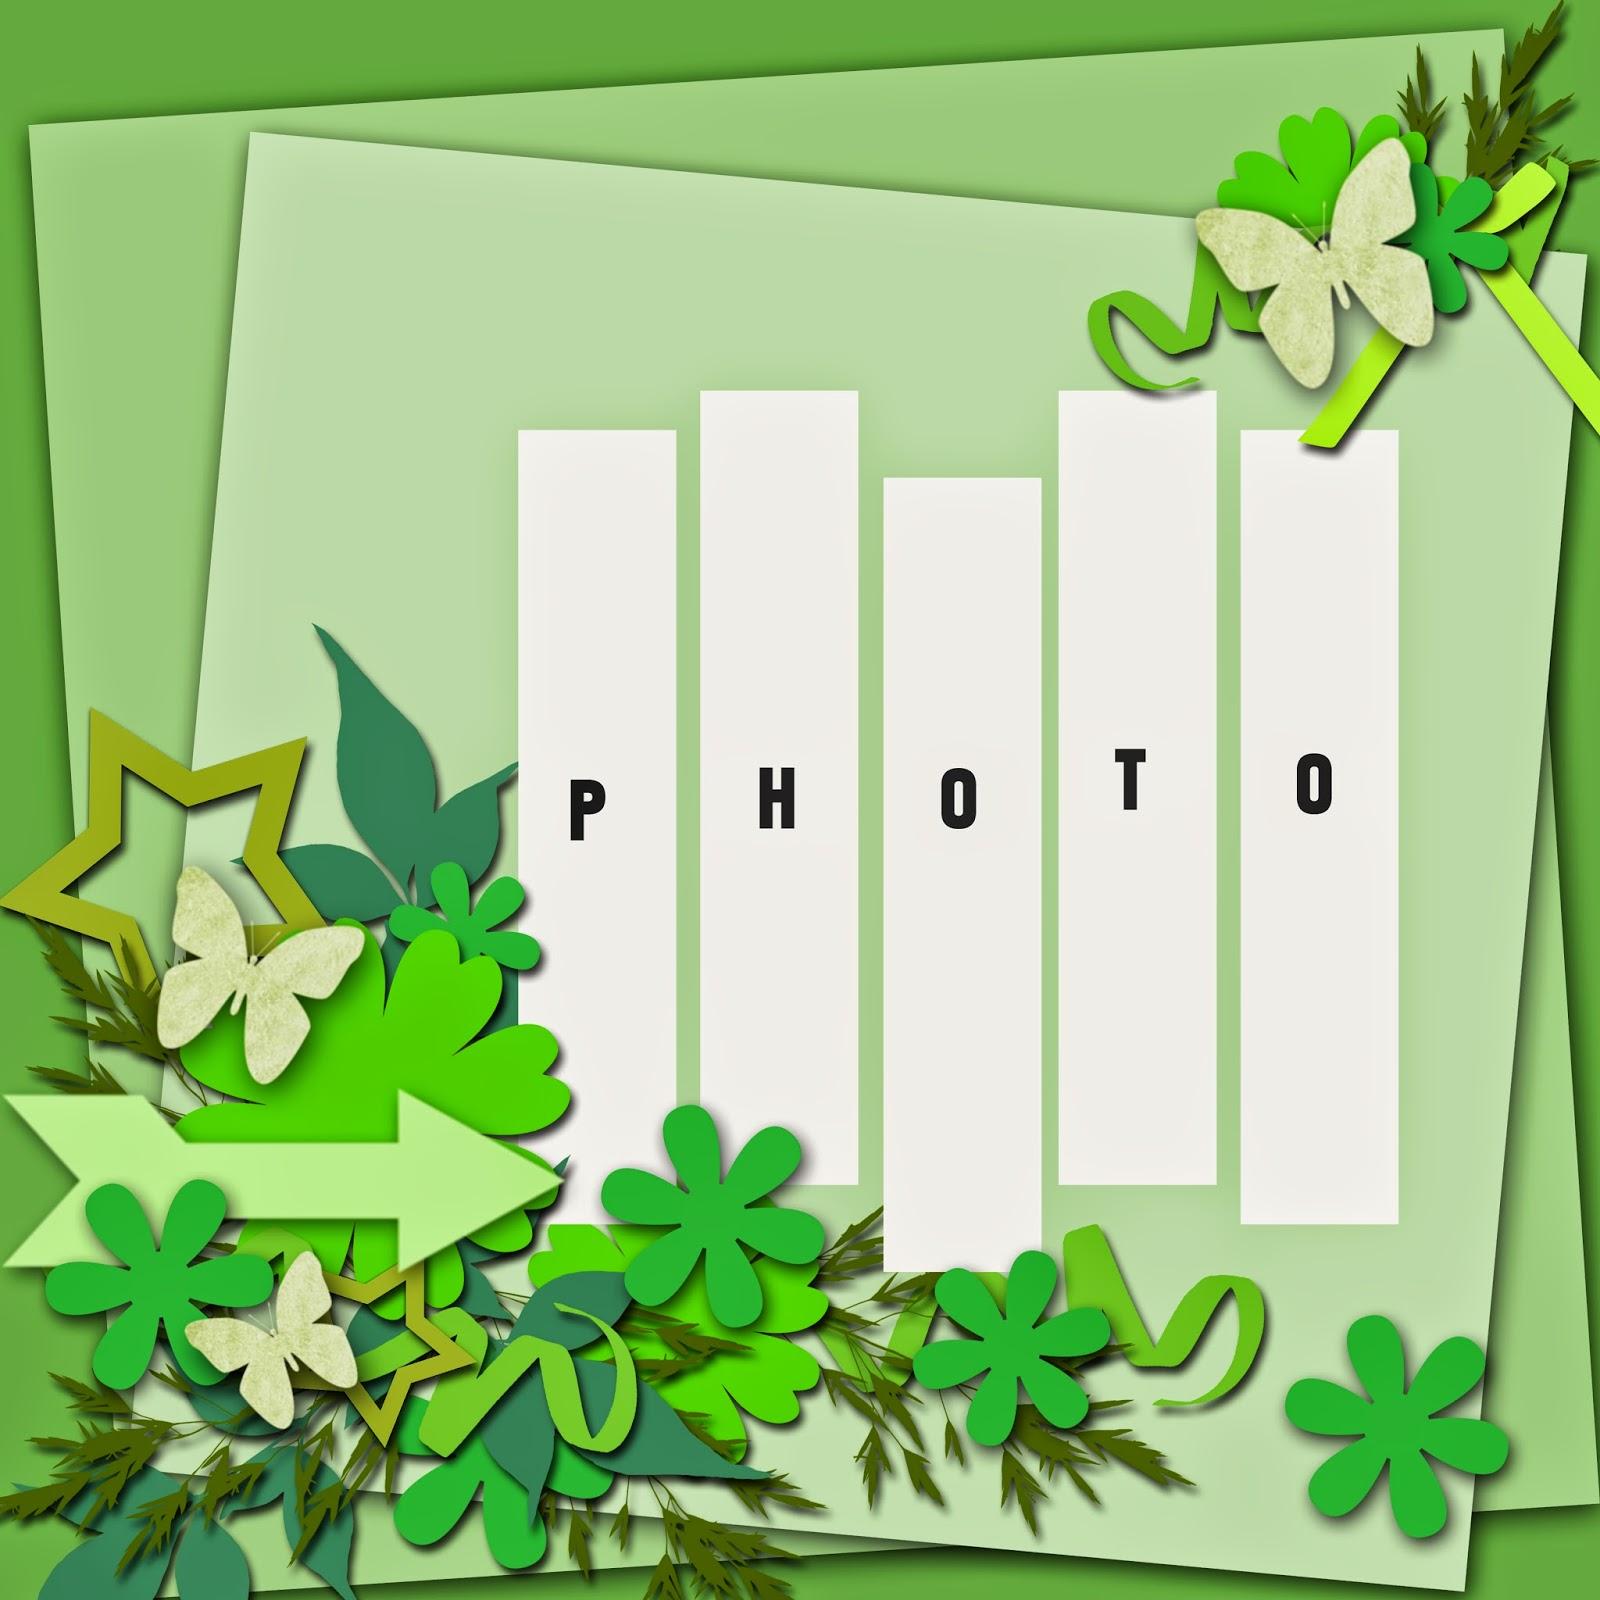 http://2.bp.blogspot.com/-3JlrRO4zTjw/UzomJkjcUqI/AAAAAAAAAYw/EC3yutbdH-M/s1600/03_31_14_edited-1.jpg